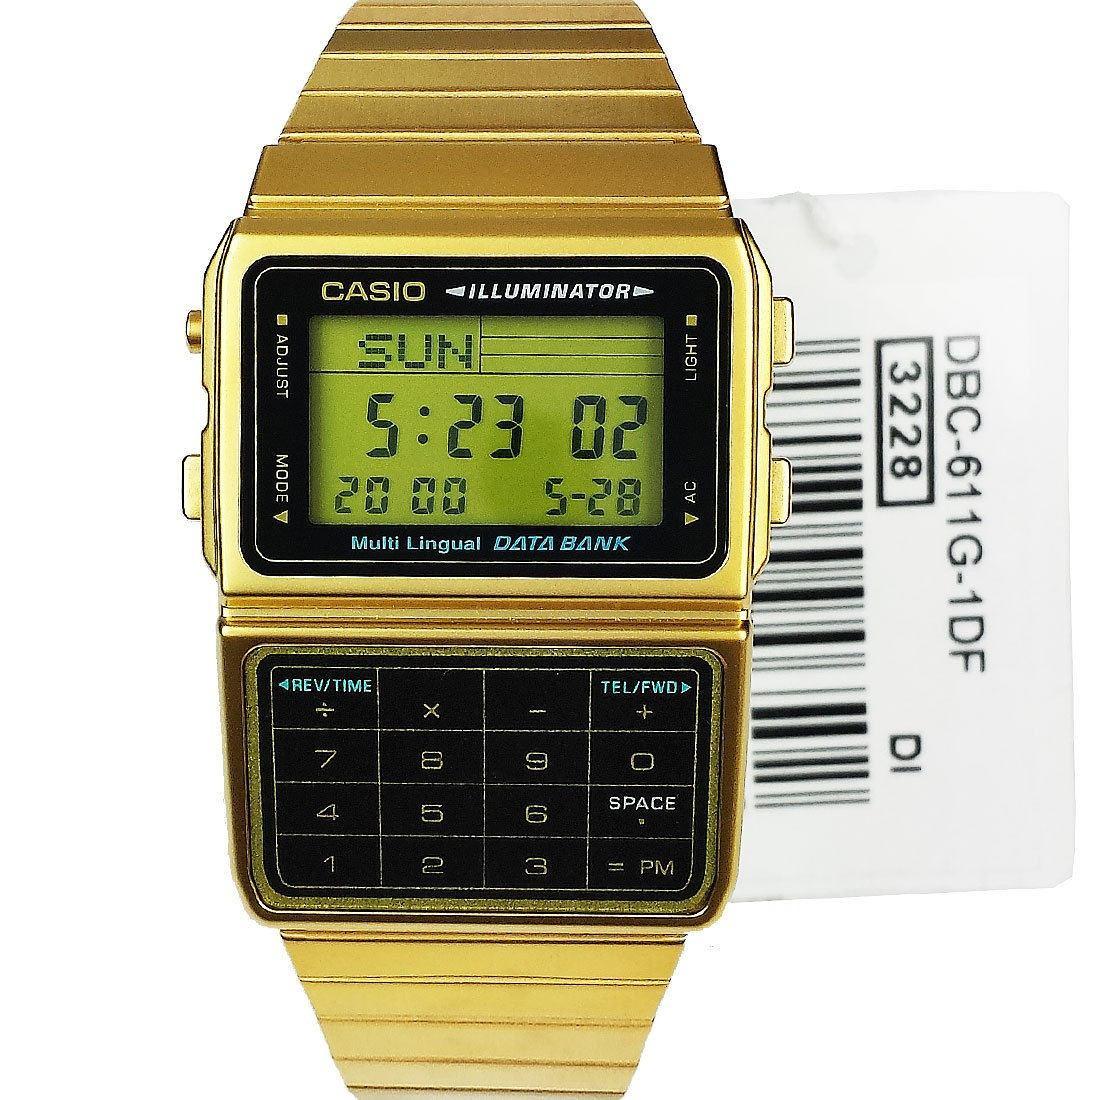 3ee0ce95685 relogio casio vintage calculadora dbc-611g retro gold 611 nf. Carregando  zoom.